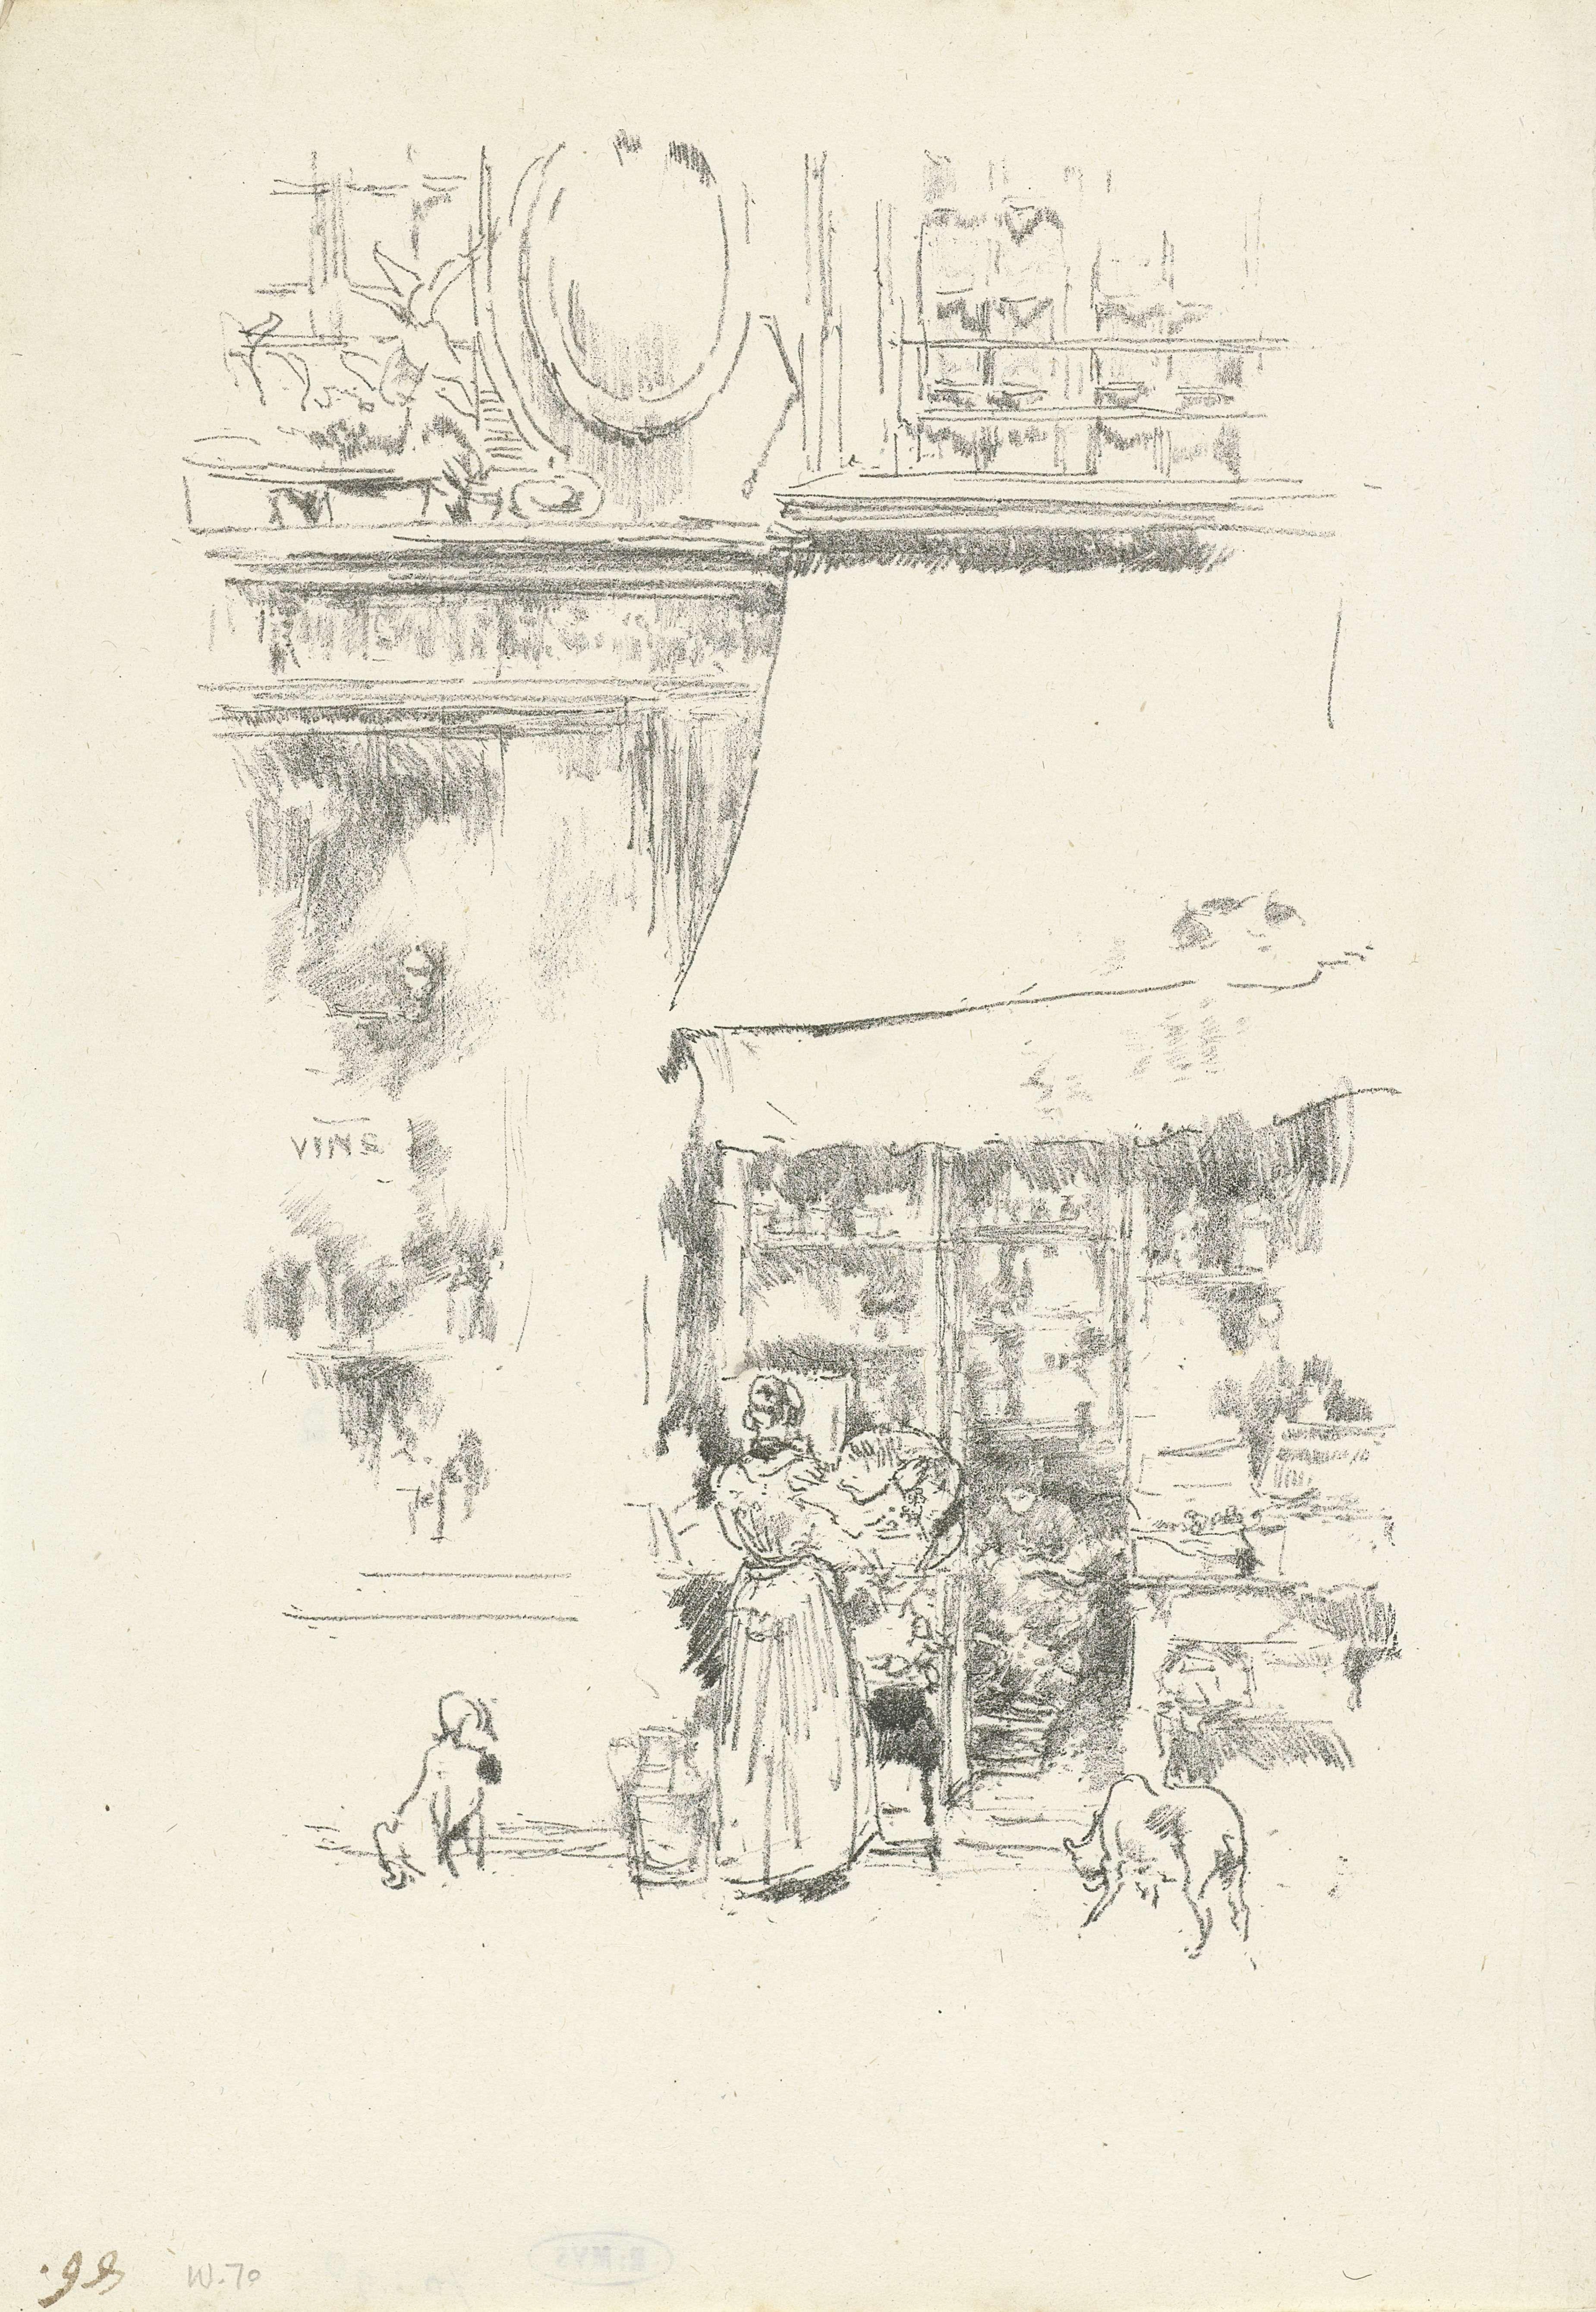 James Abbott McNeill Whistler | De groentewinkel op de rue de Grenelle in Parijs, James Abbott McNeill Whistler, Thomas Robert Way, 1894 | Winkelpui van de groentezaak op de rue de Grenelle in Parijs. Een vrouw is bezig met de uitstalling.